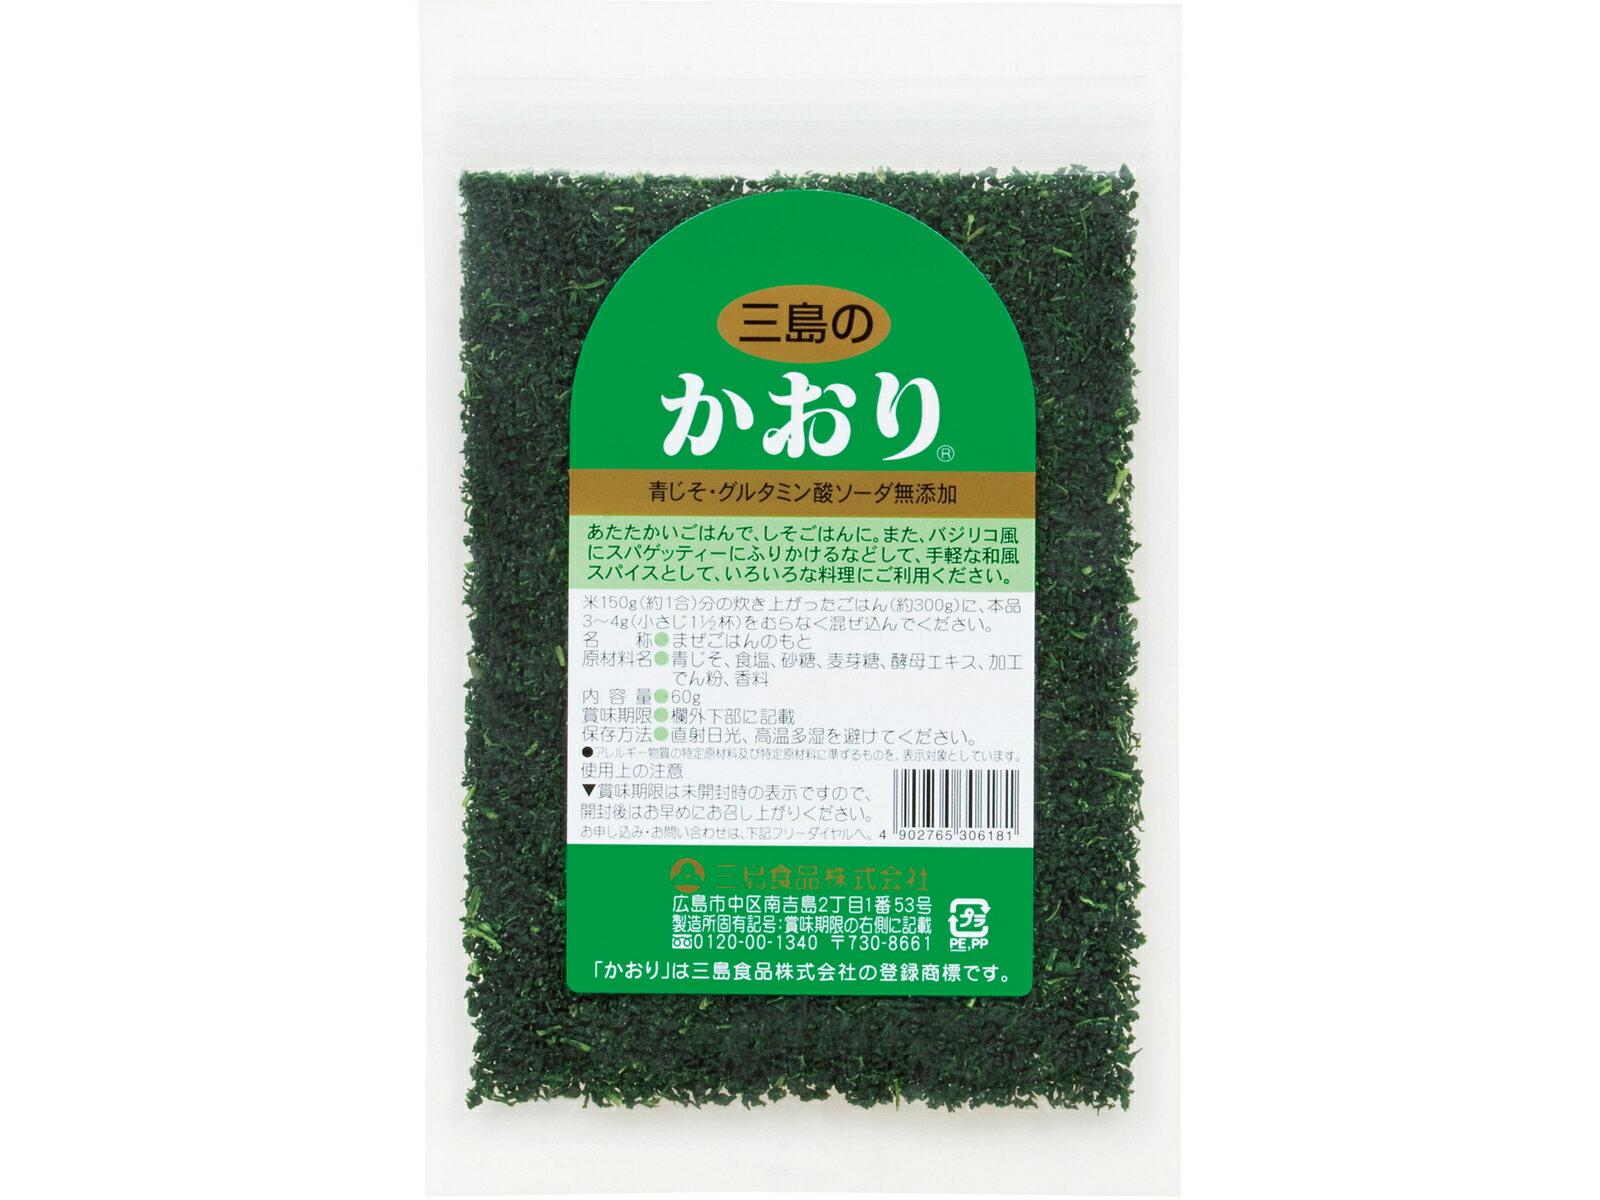 かおり®(グルタミン酸ソーダ無添加) 60g